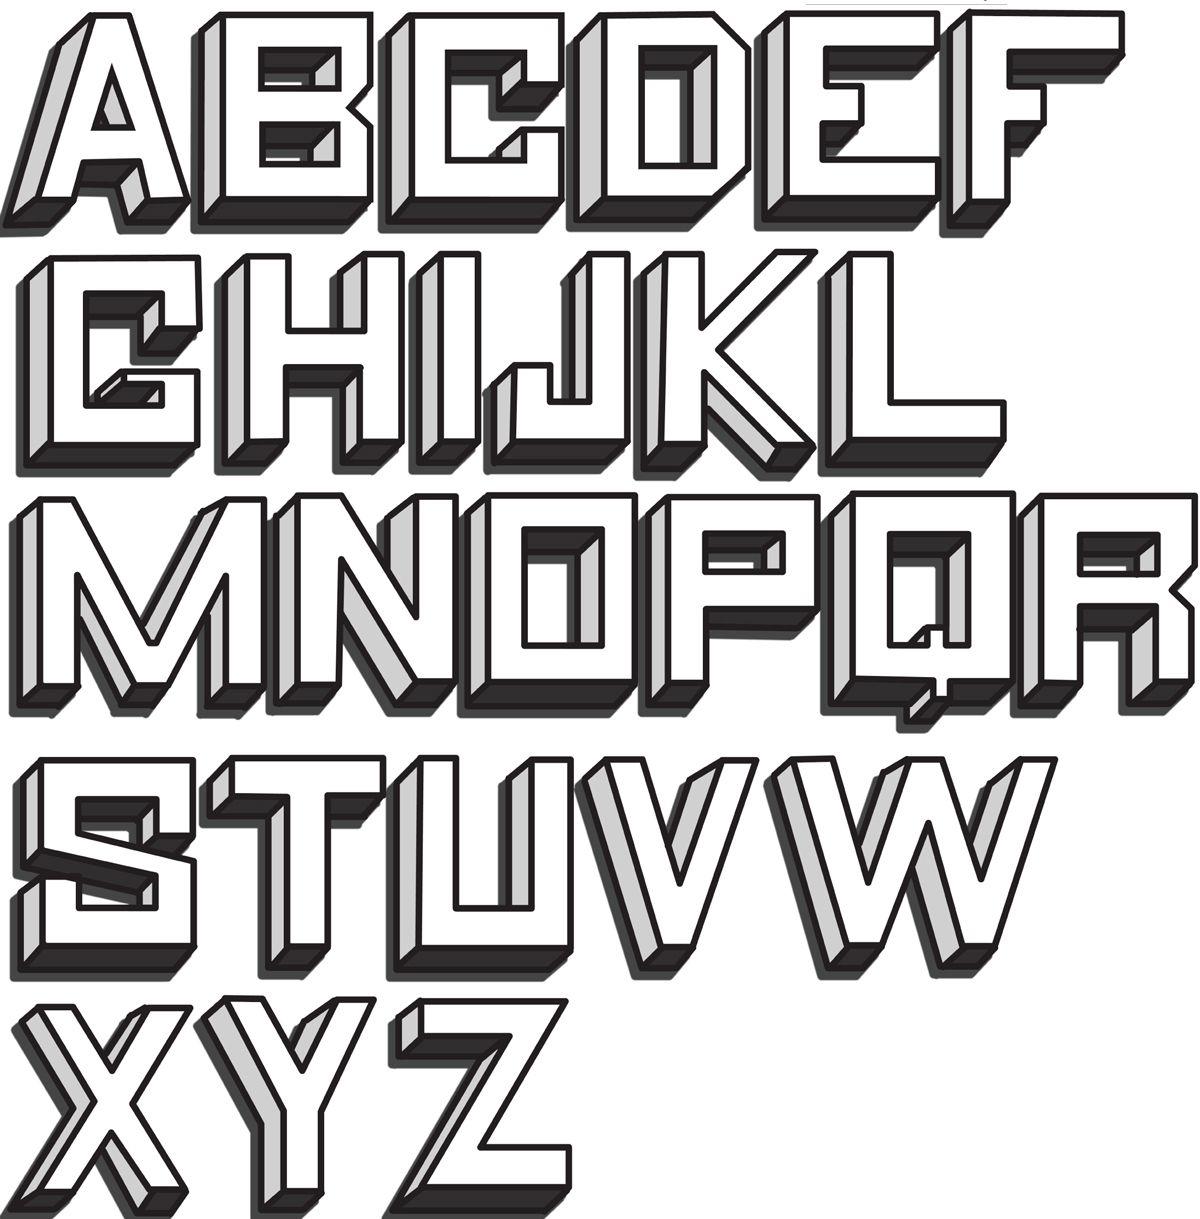 3d Block Letters 3d Block Letter Alphabet Image Galleries